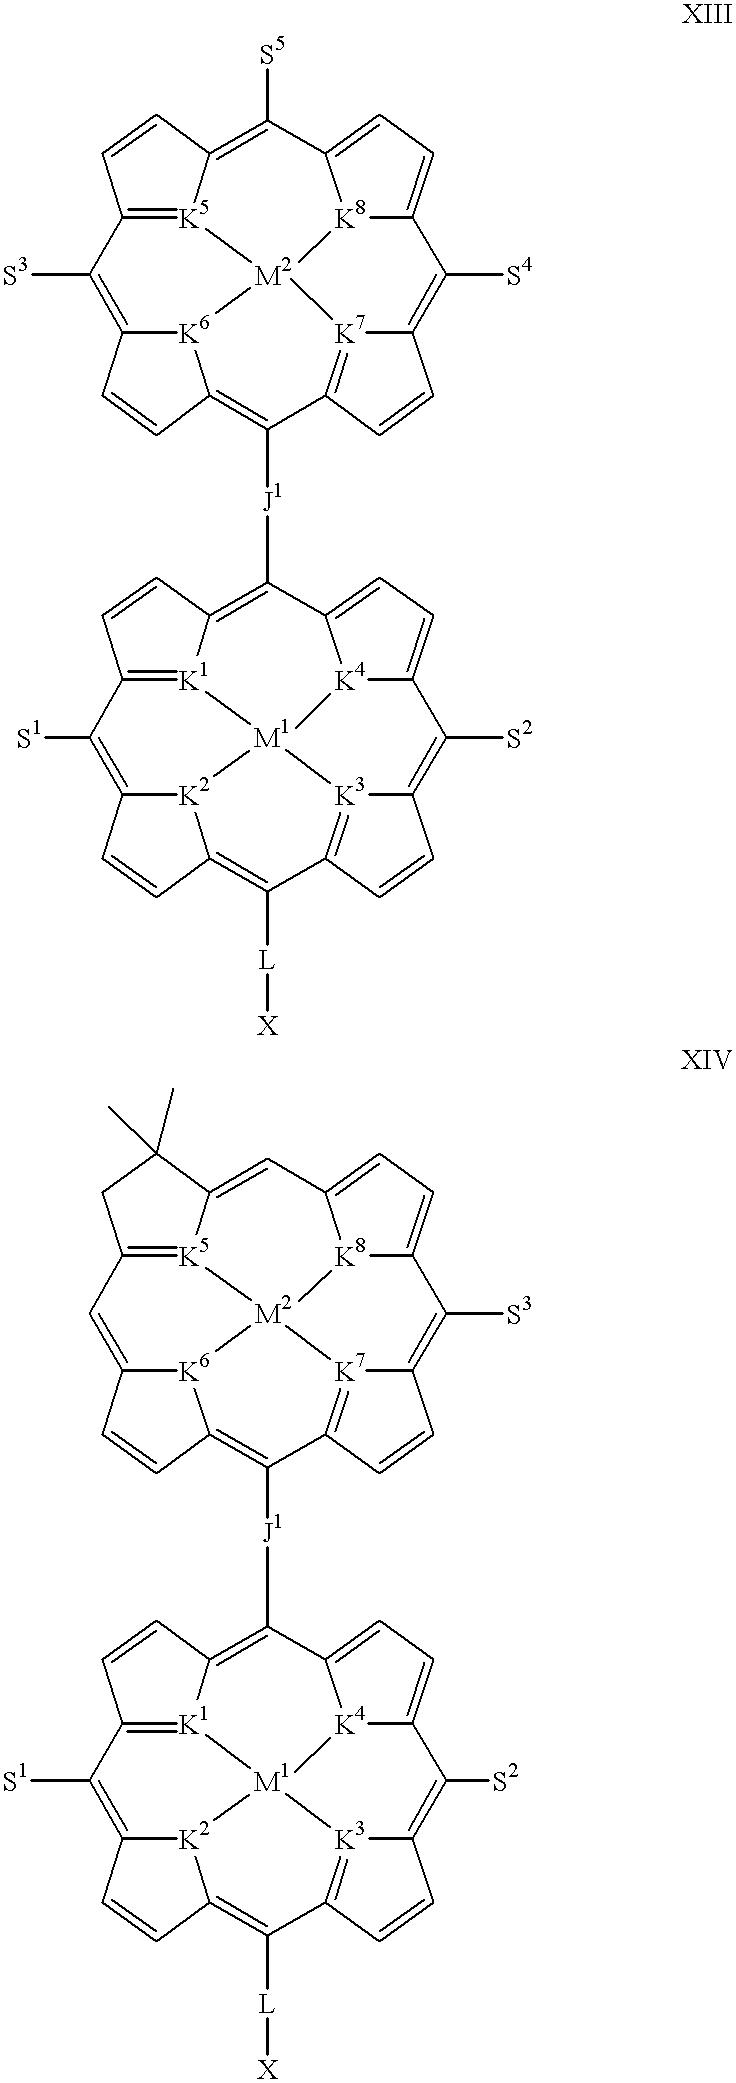 Figure US06381169-20020430-C00007